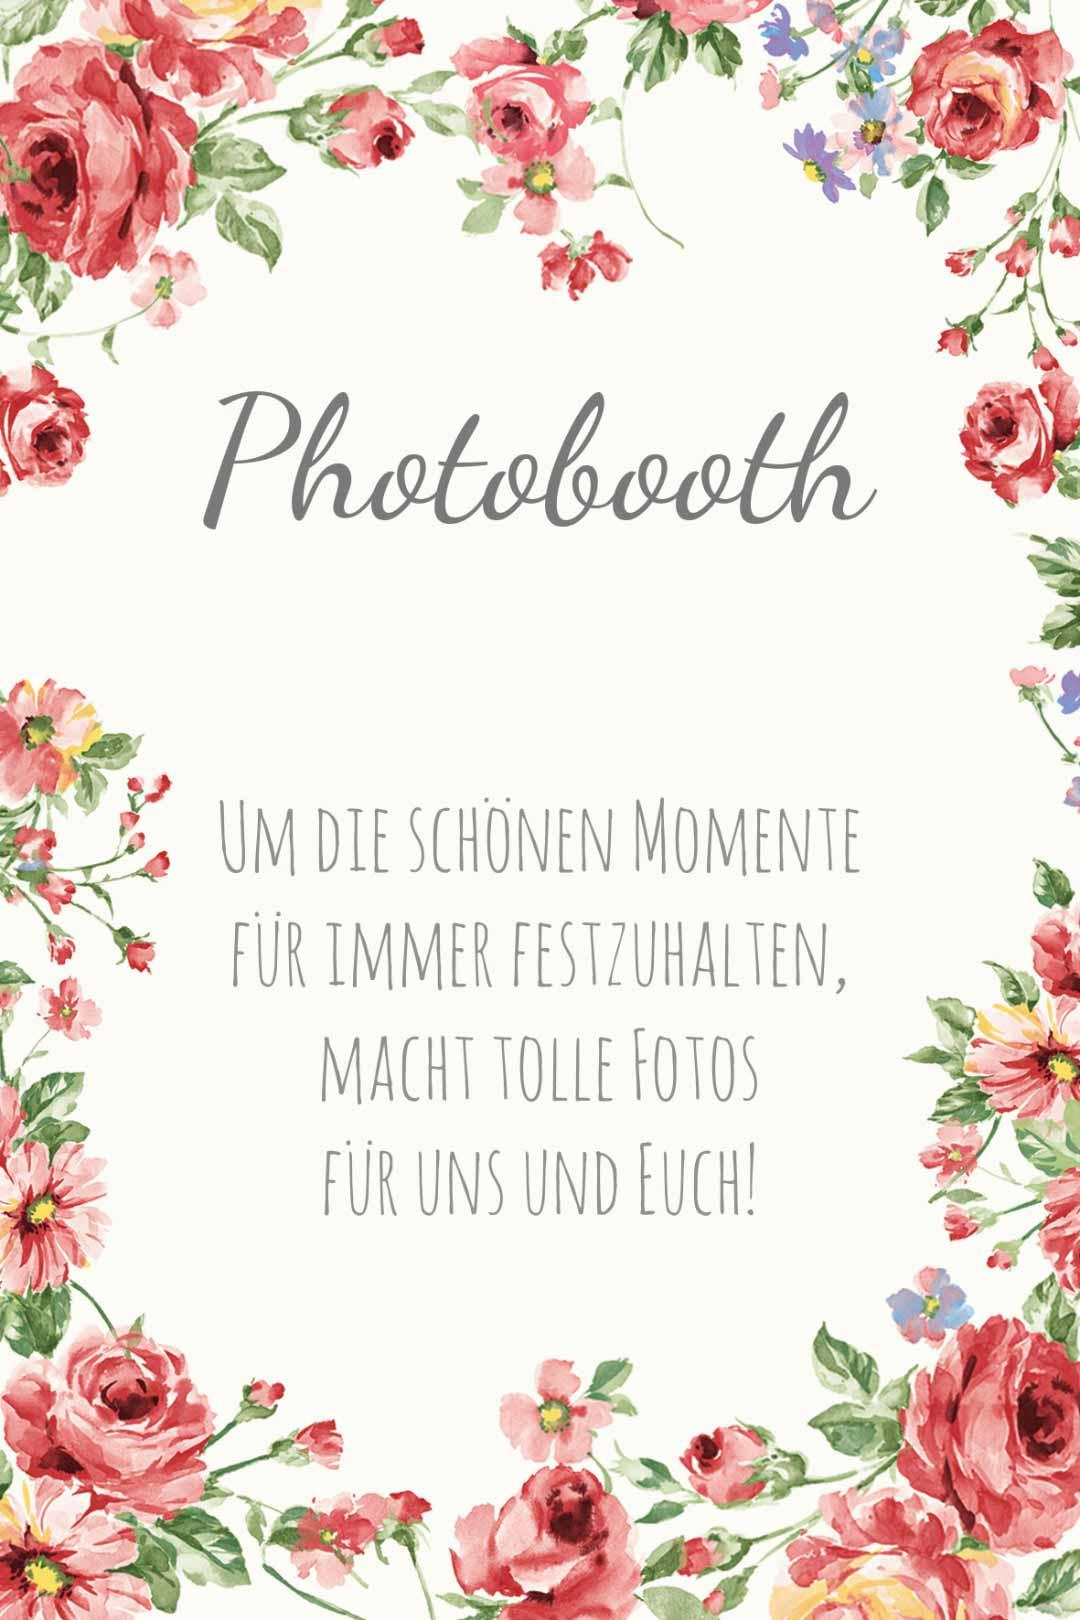 Schild im blumigen Design als Vorlage für die Hochzeit: Photobooth